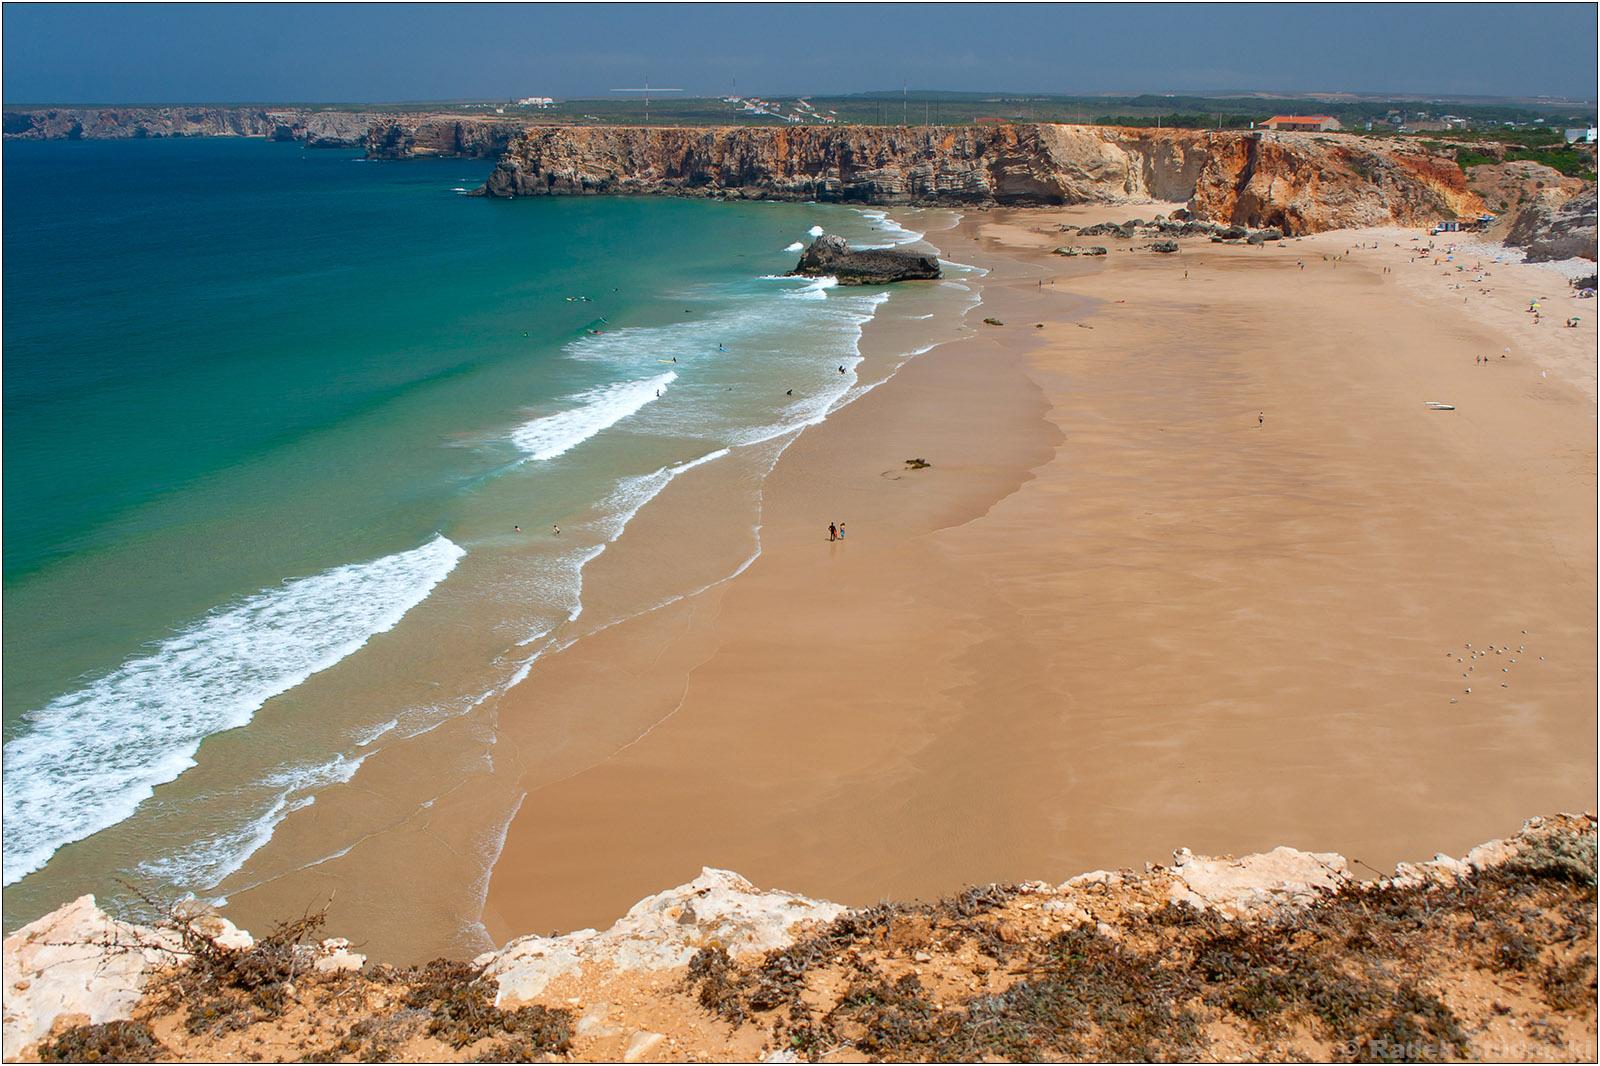 Zachodnie wybrzeże Algarve, Sagres